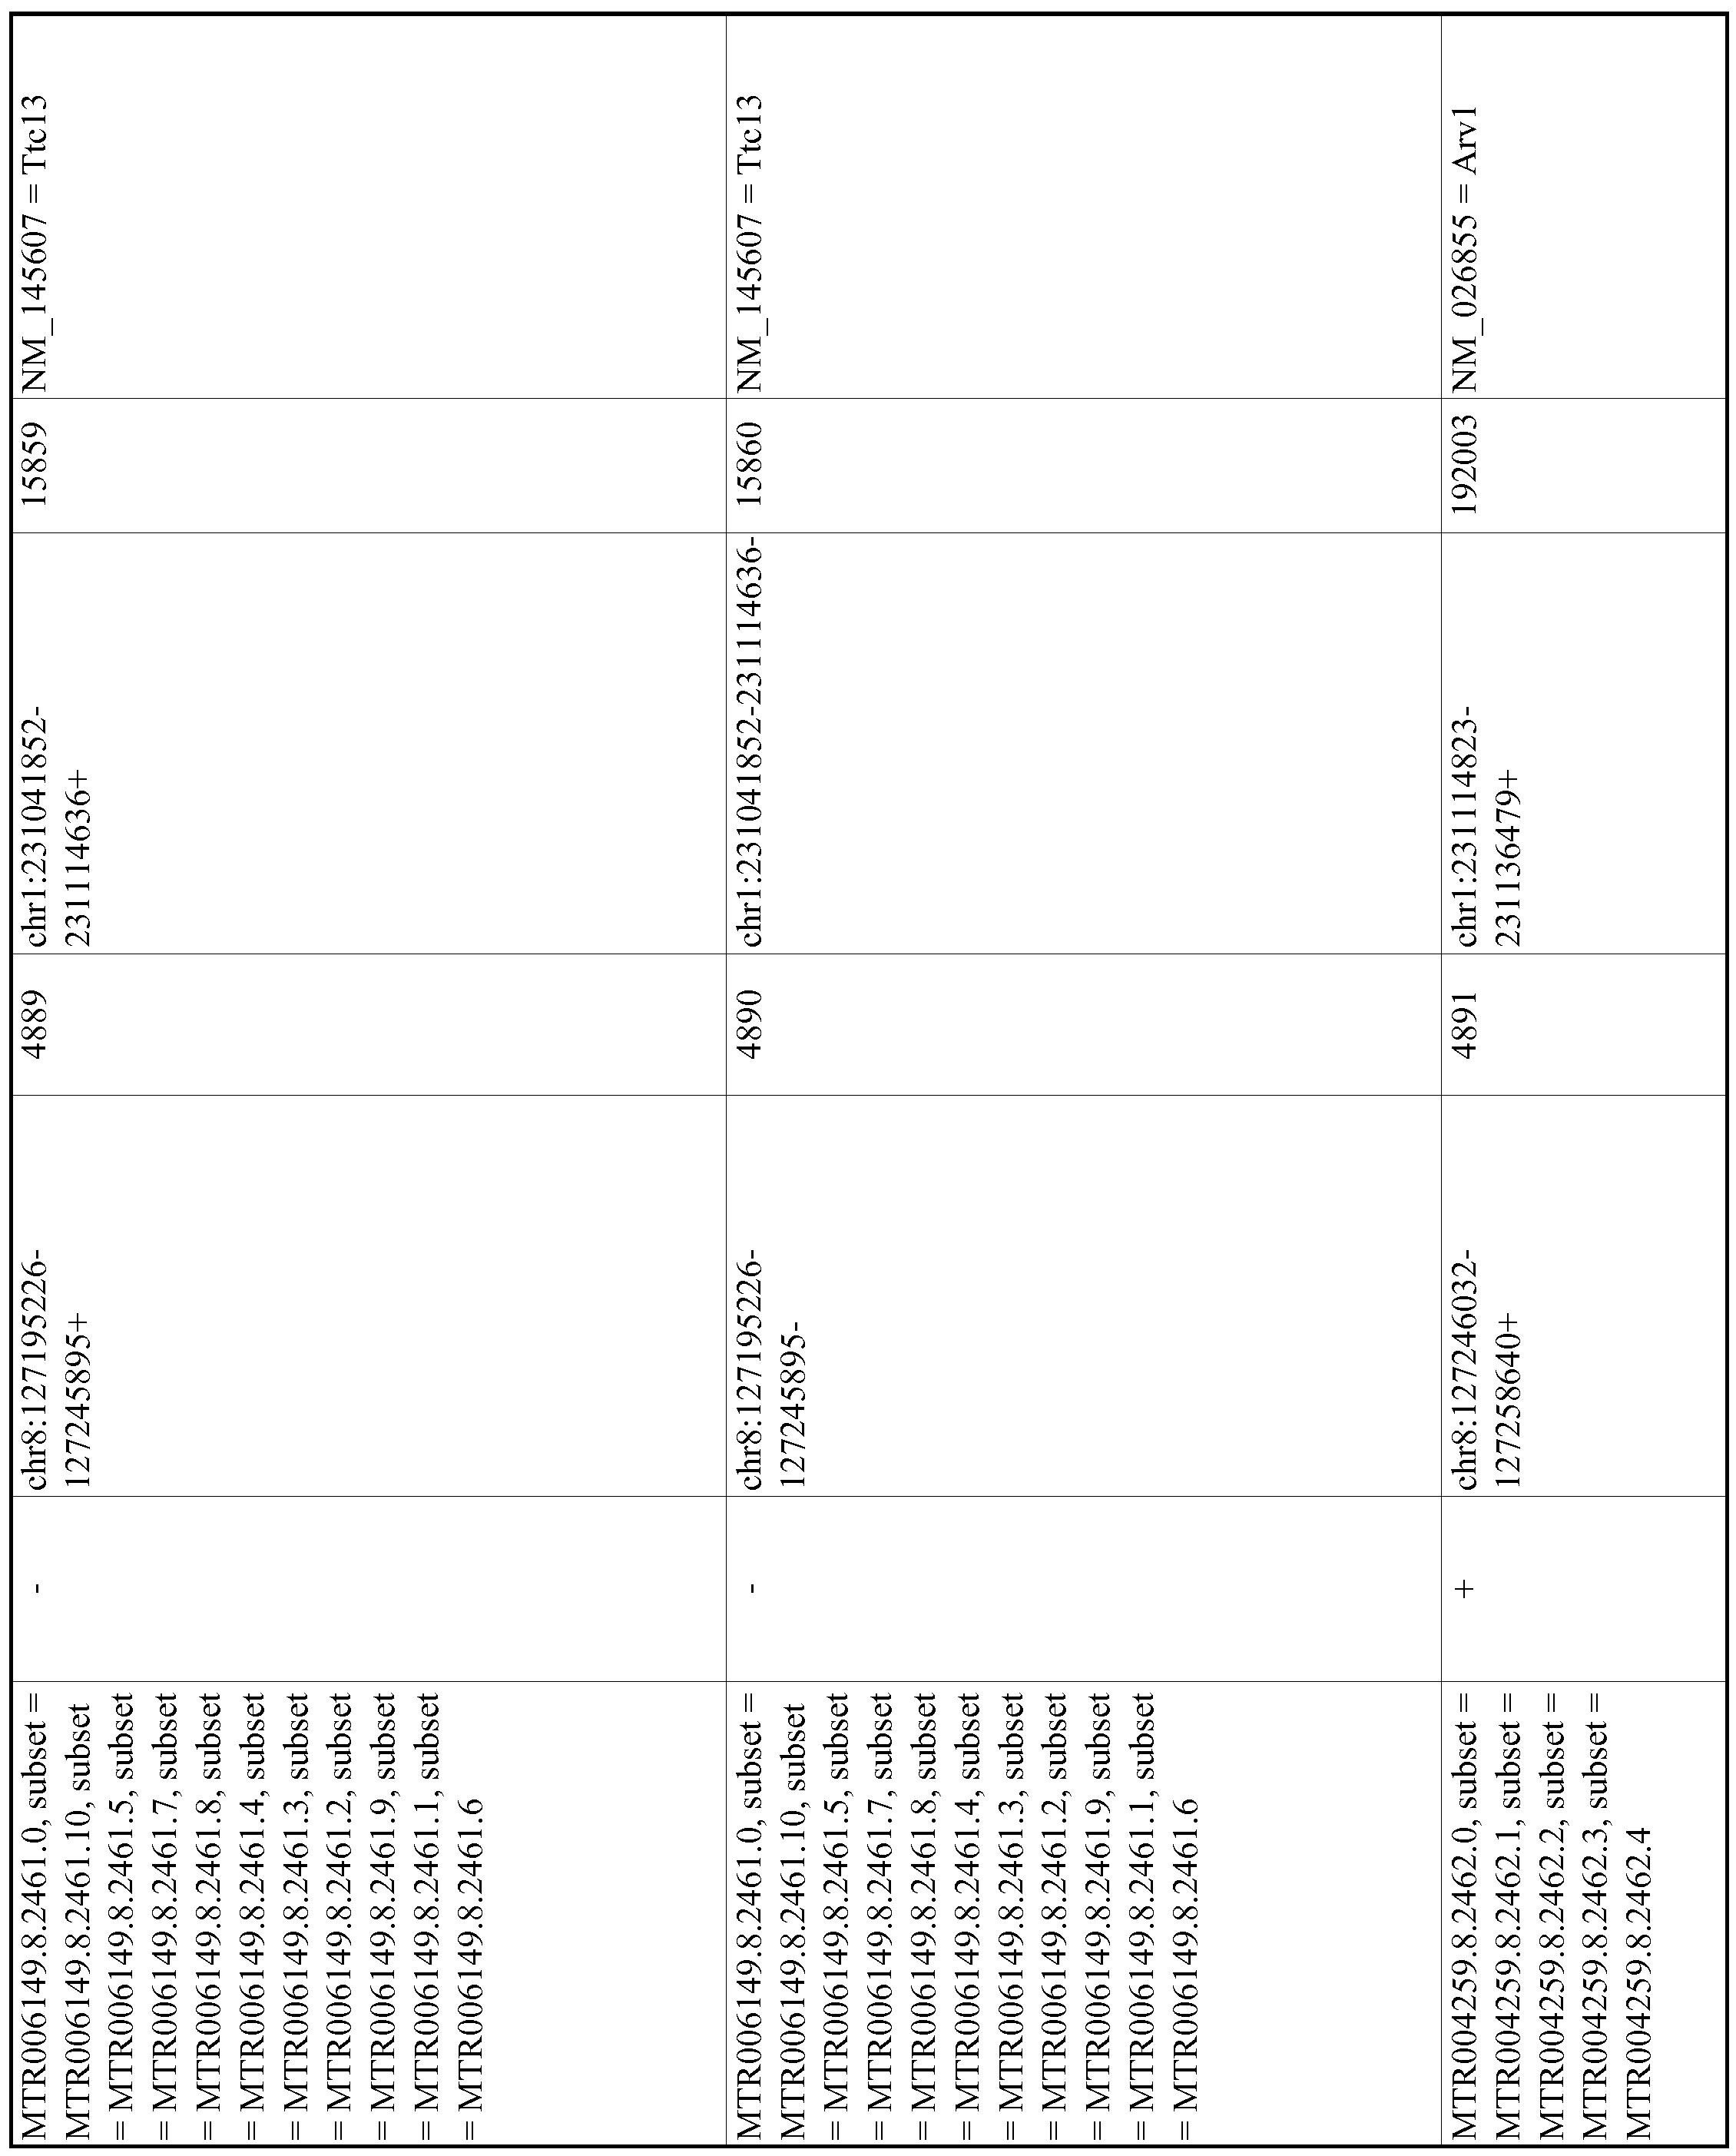 Figure imgf000903_0001